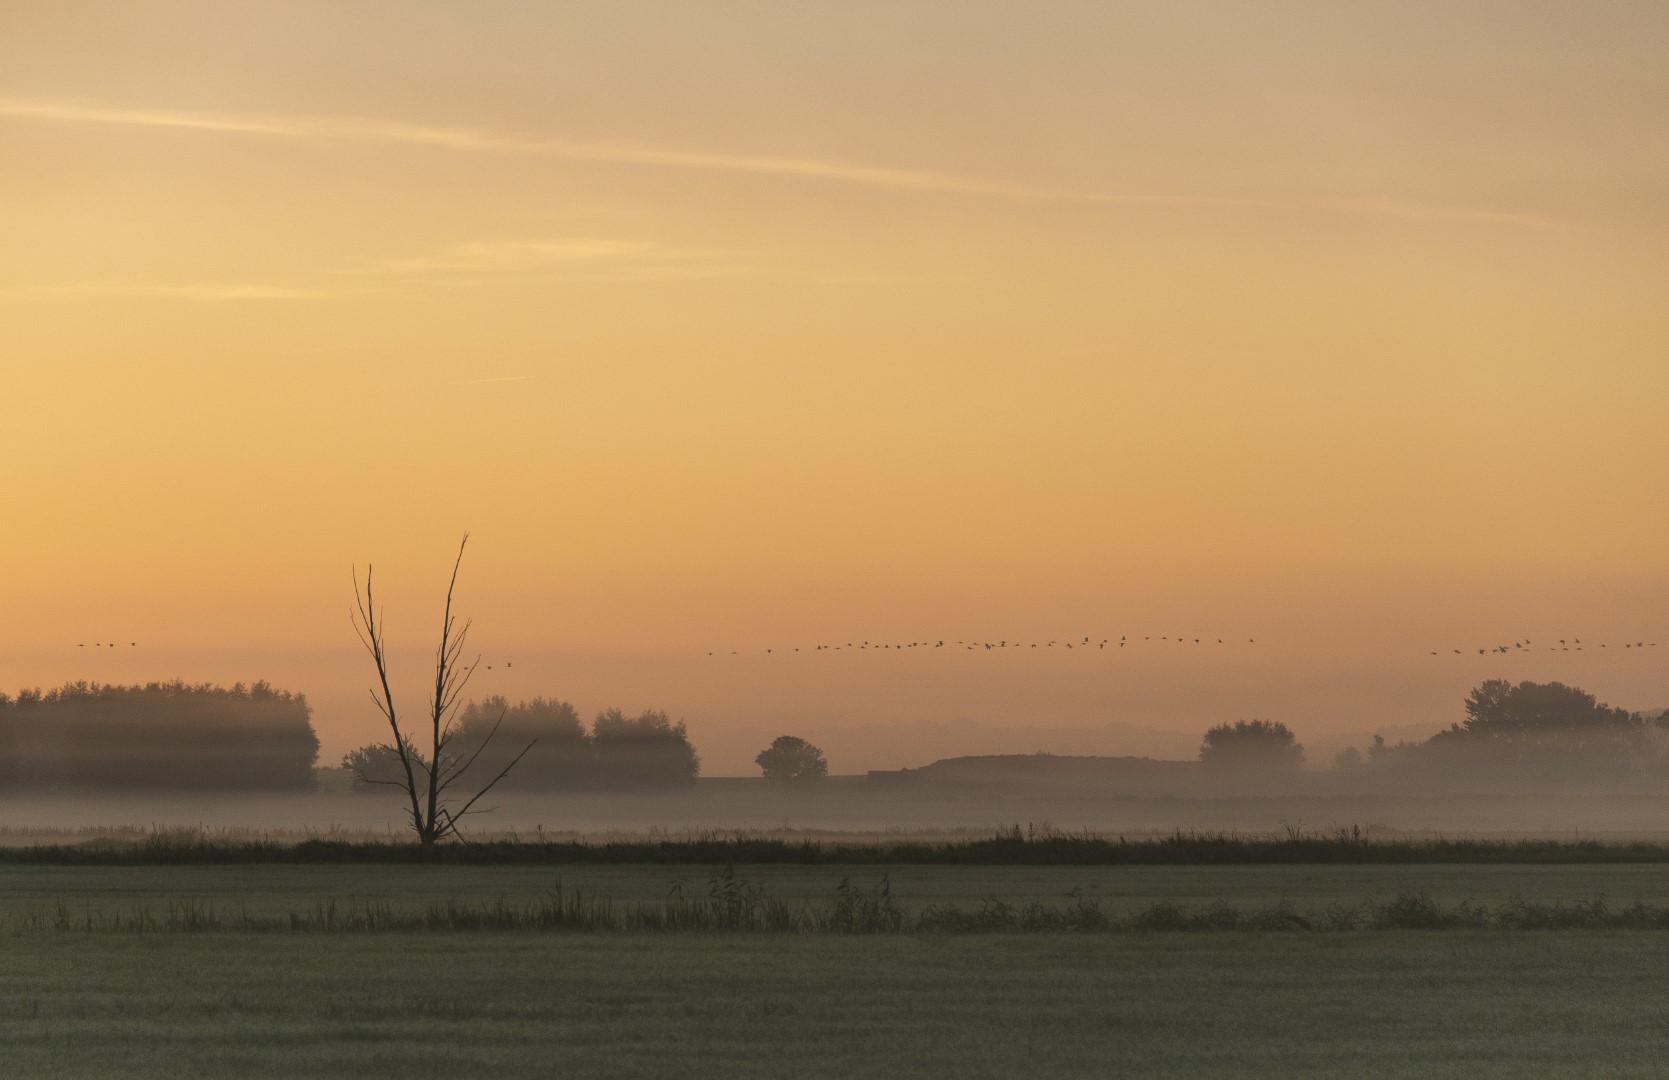 kraanvogels in ochtendlicht